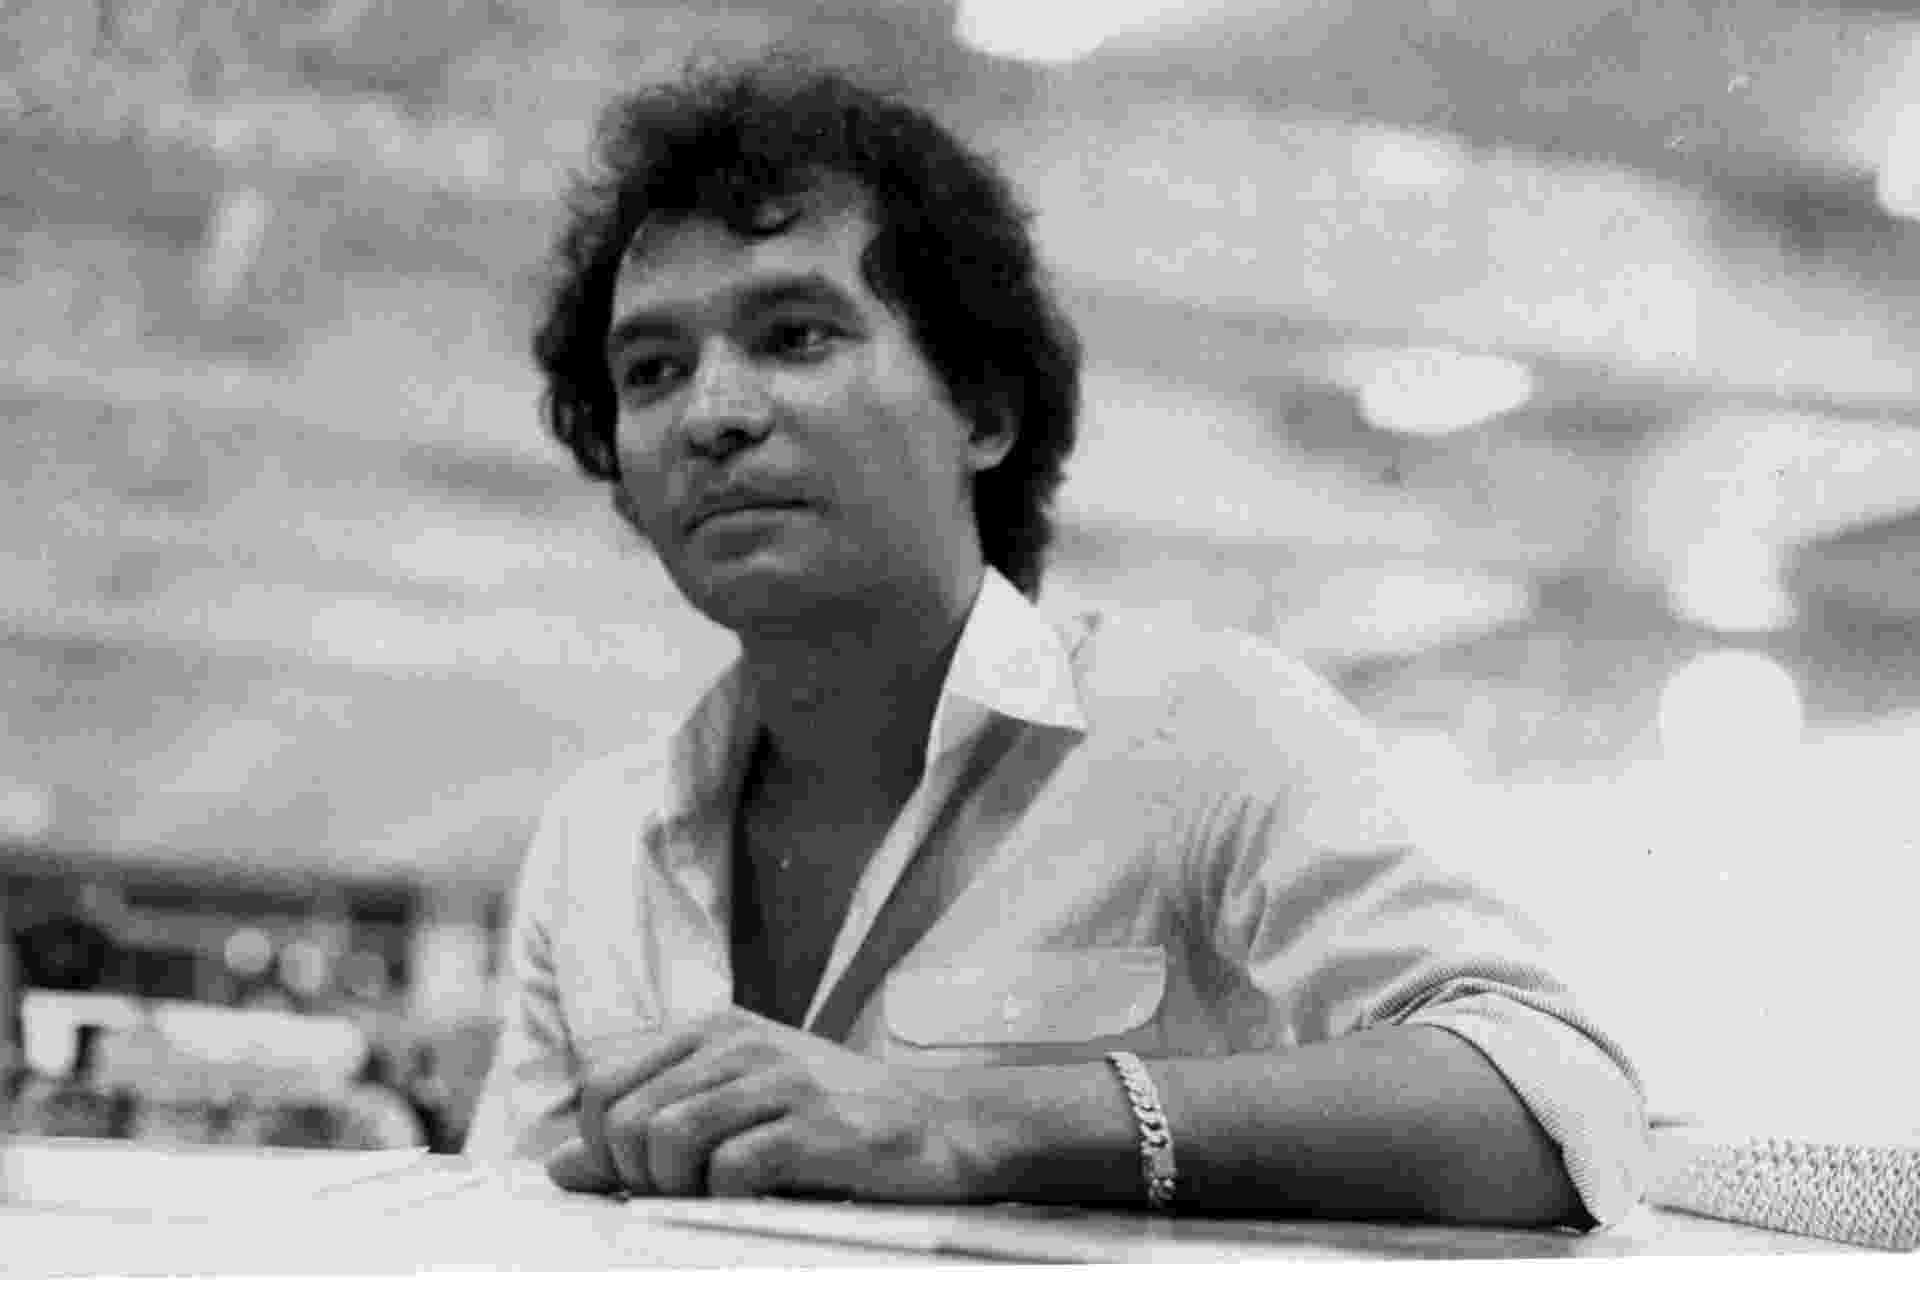 """Cantor conhecido pelo sucesso """"Porto Solidão"""", Jessé morreu aos 40 anos, em 29 de março de 1993 de traumatismo craniano, sofrido num acidente de carro quando se dirigia para a cidade de Terra Rica, no Paraná, para fazer um show. O último show dele foi em São Bernardo do Campo, um dia antes do acidente - Folhapress"""